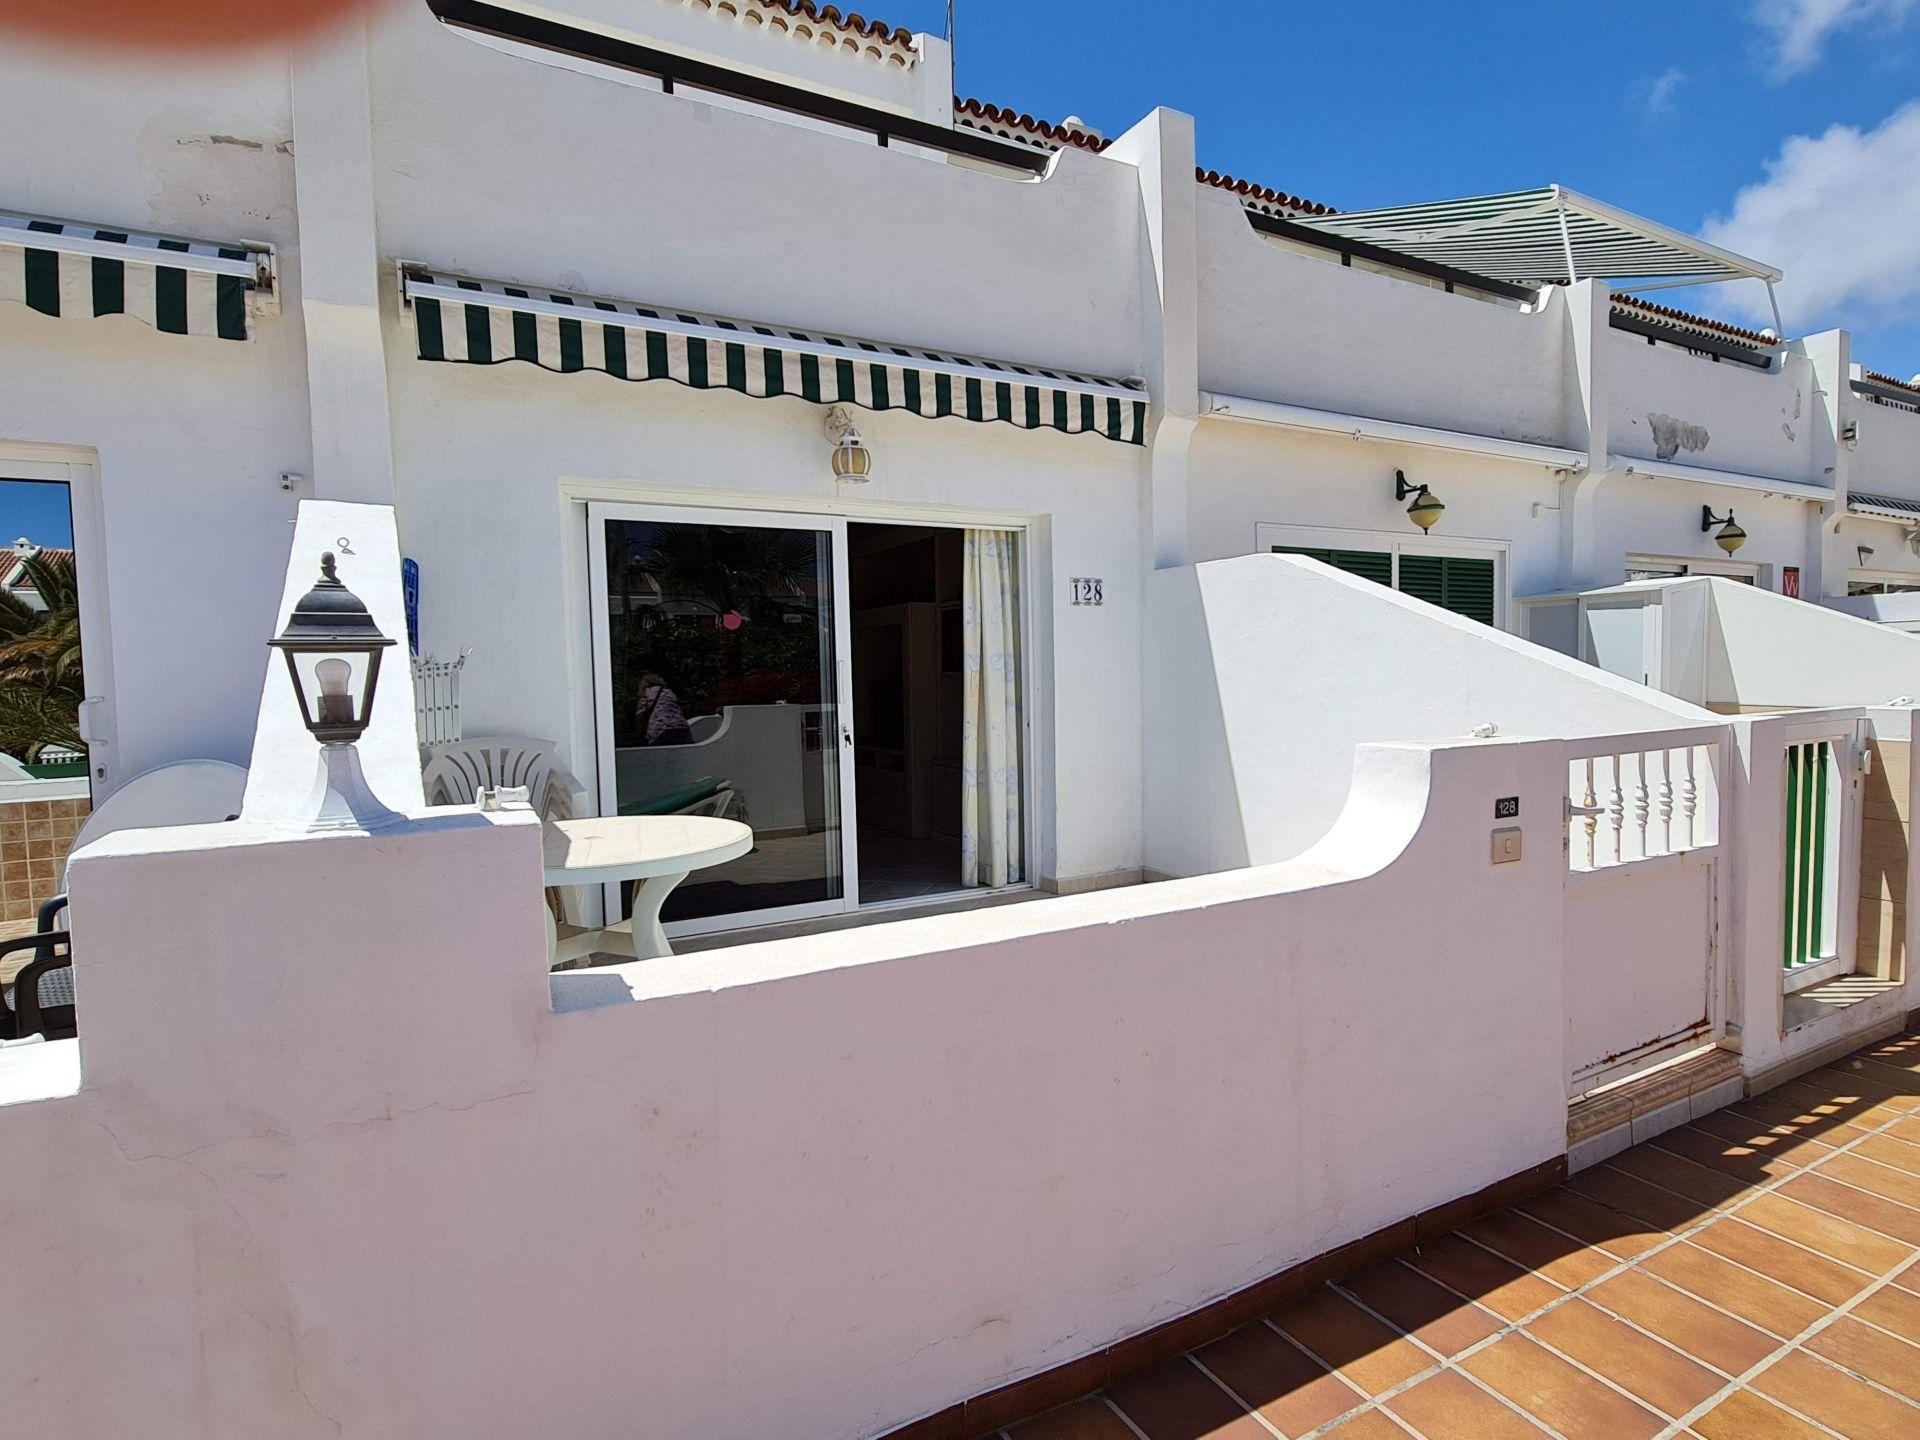 Apartamento de 1 dormitorio muy cuidado y bien mantenido, ubicado en el primer nivel. .... más info